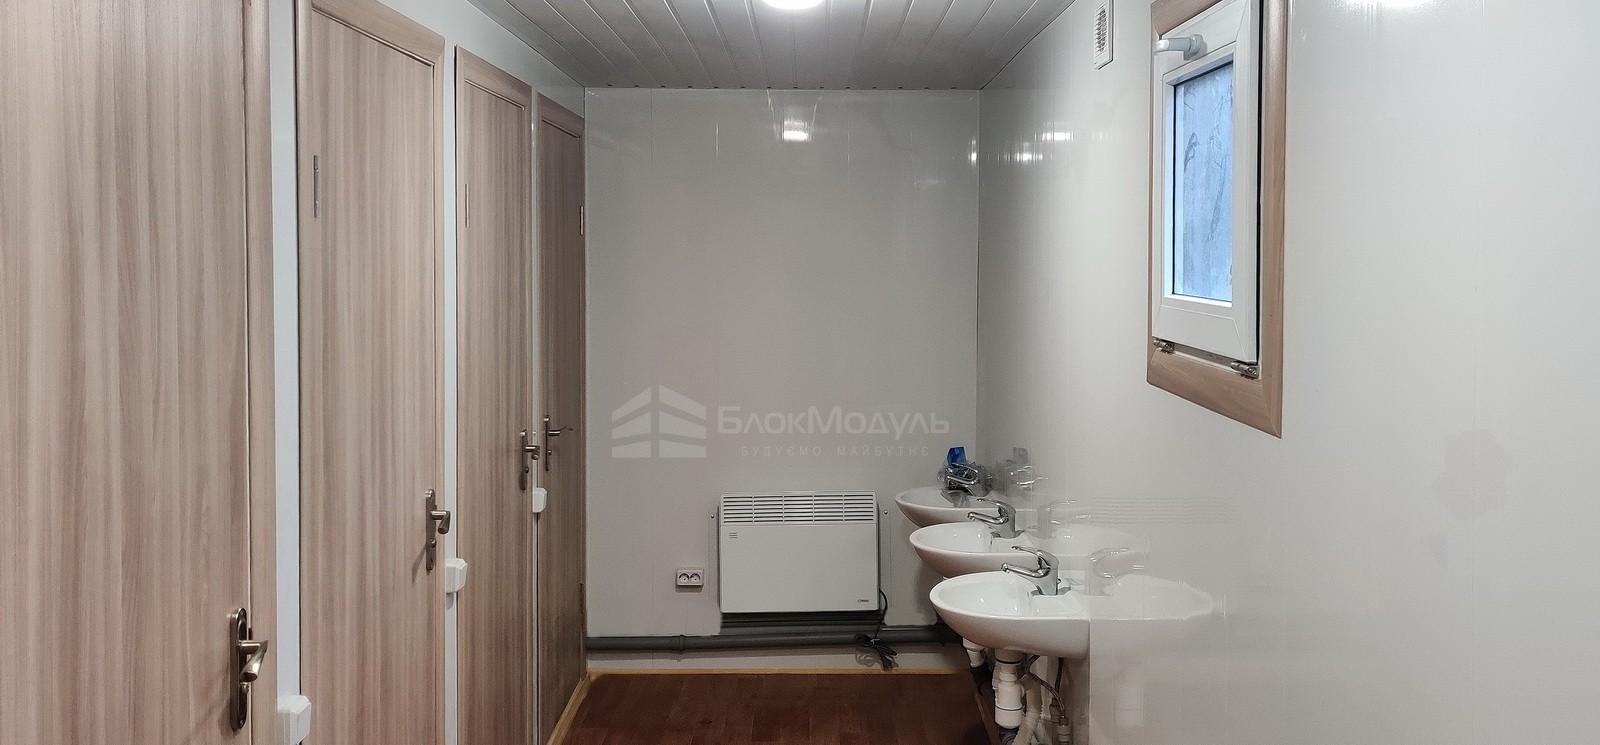 thumb_Модульные туалеты для Дворца Украины - Фото № 3